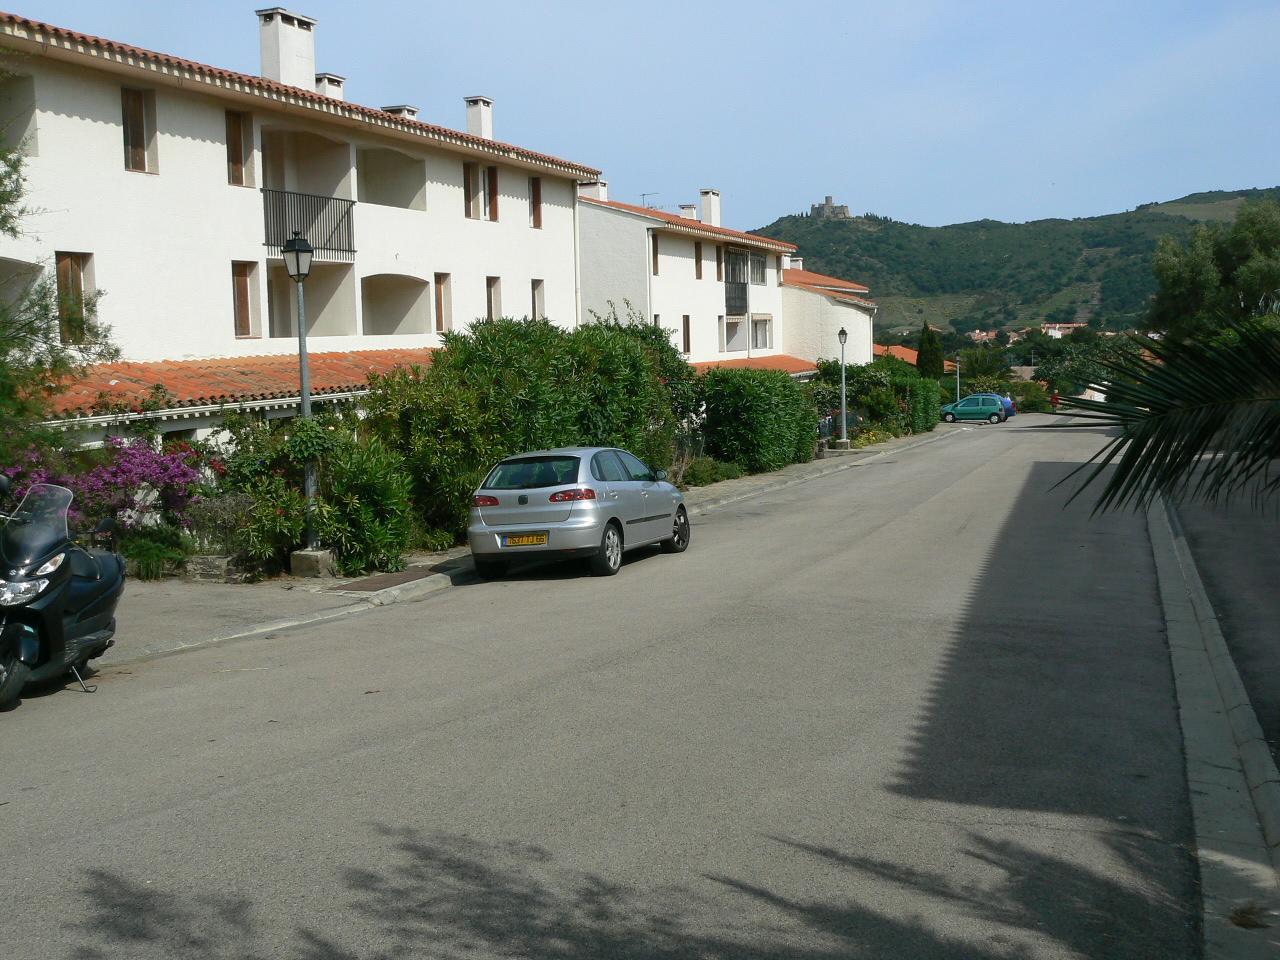 Vente 2 pi ces collioure appartements maisons et villas for Acheter maison collioure